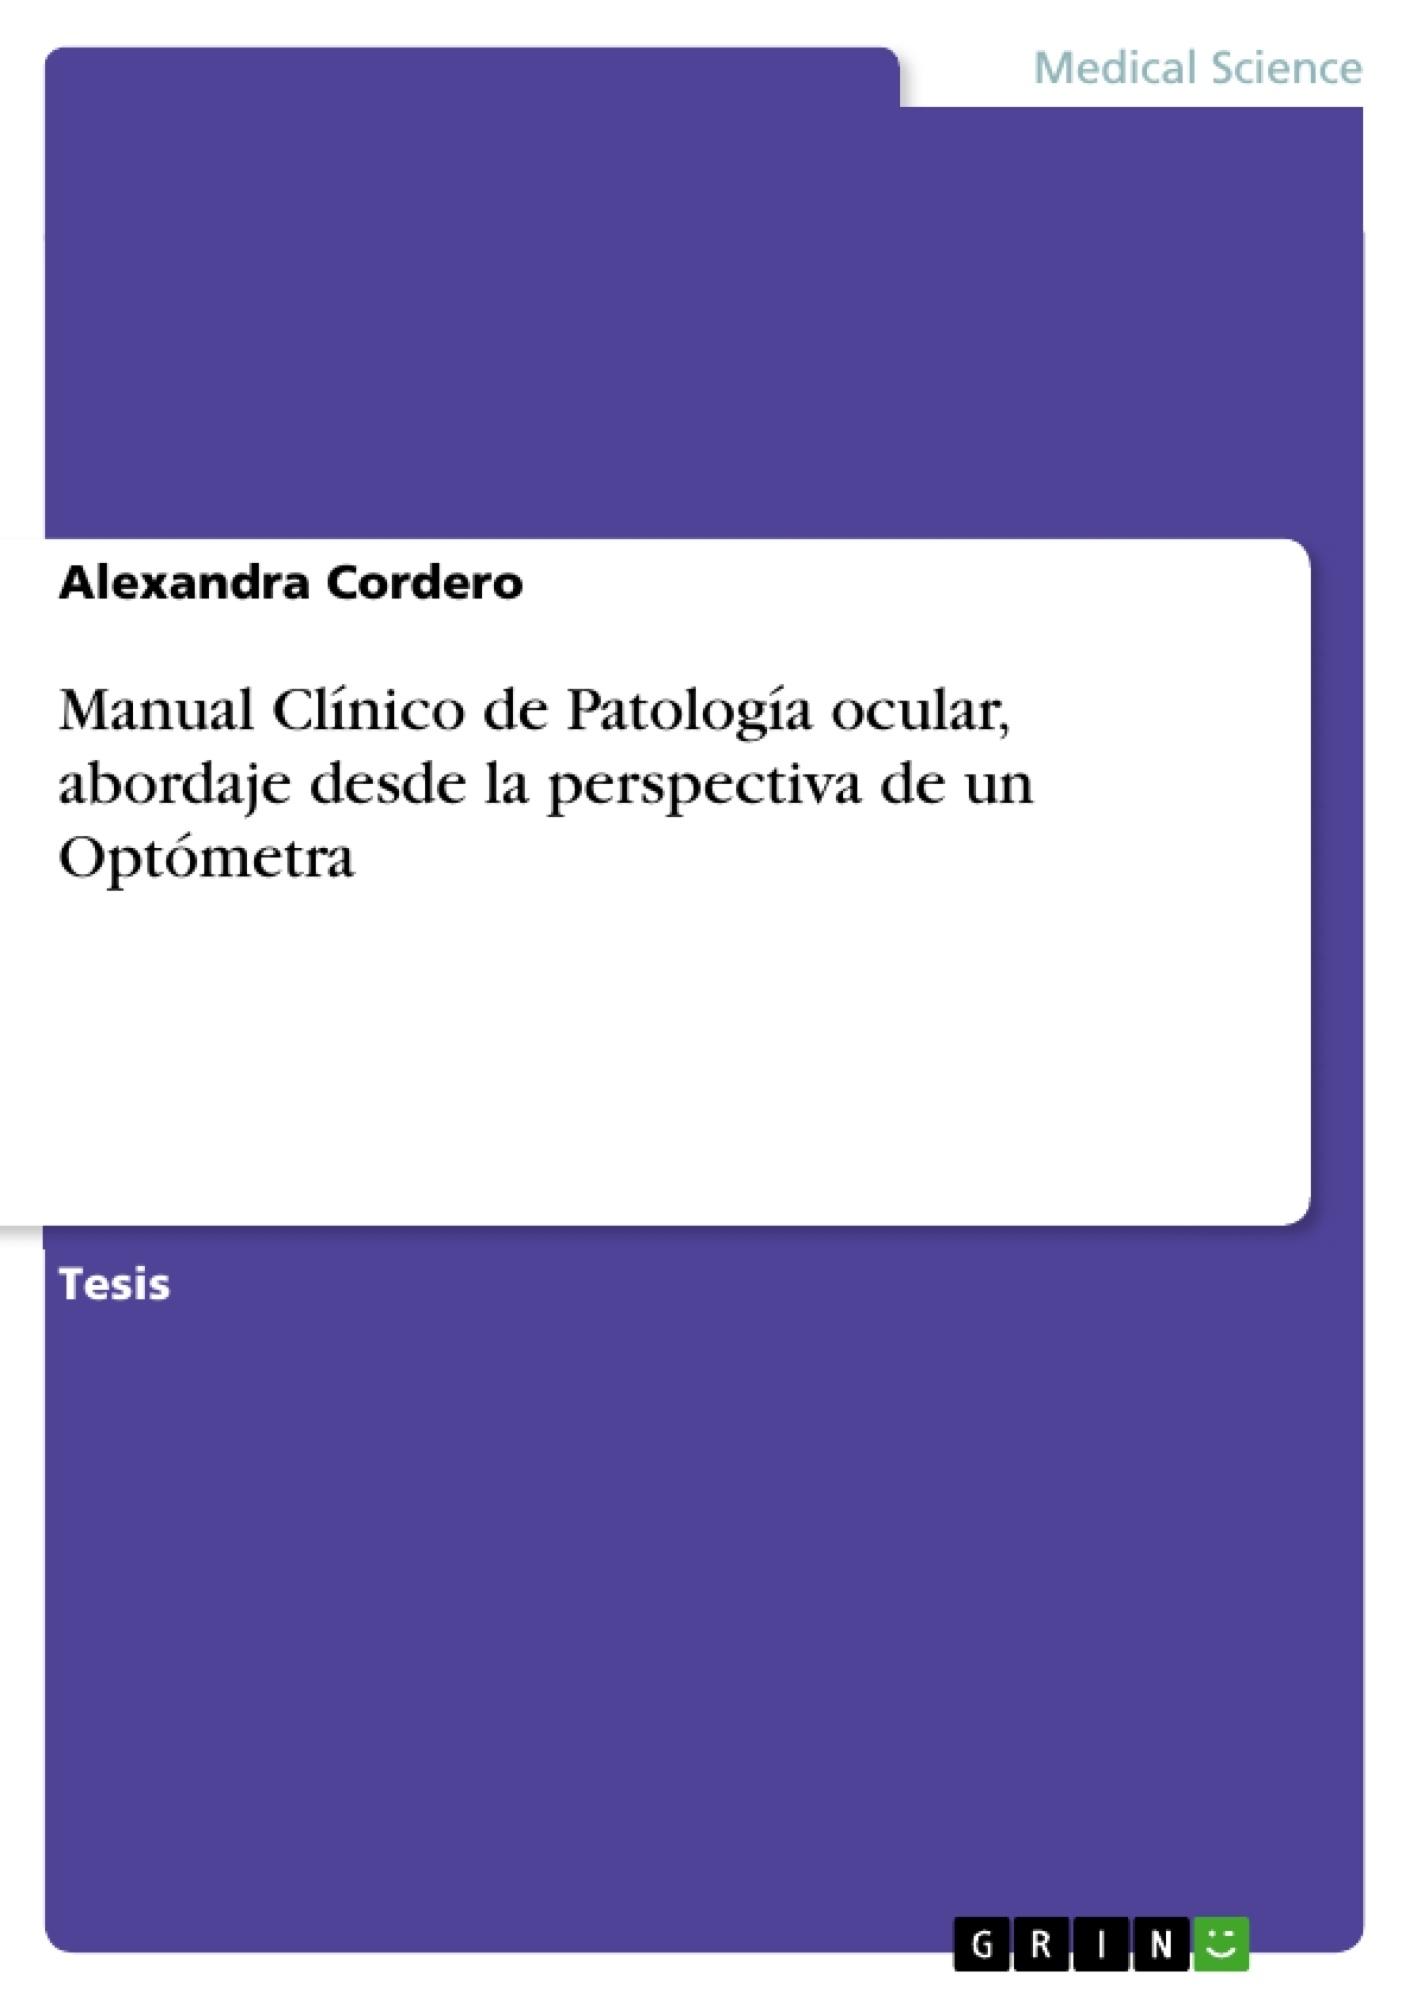 Manual Clínico de Patología ocular, abordaje desde la perspectiva ...